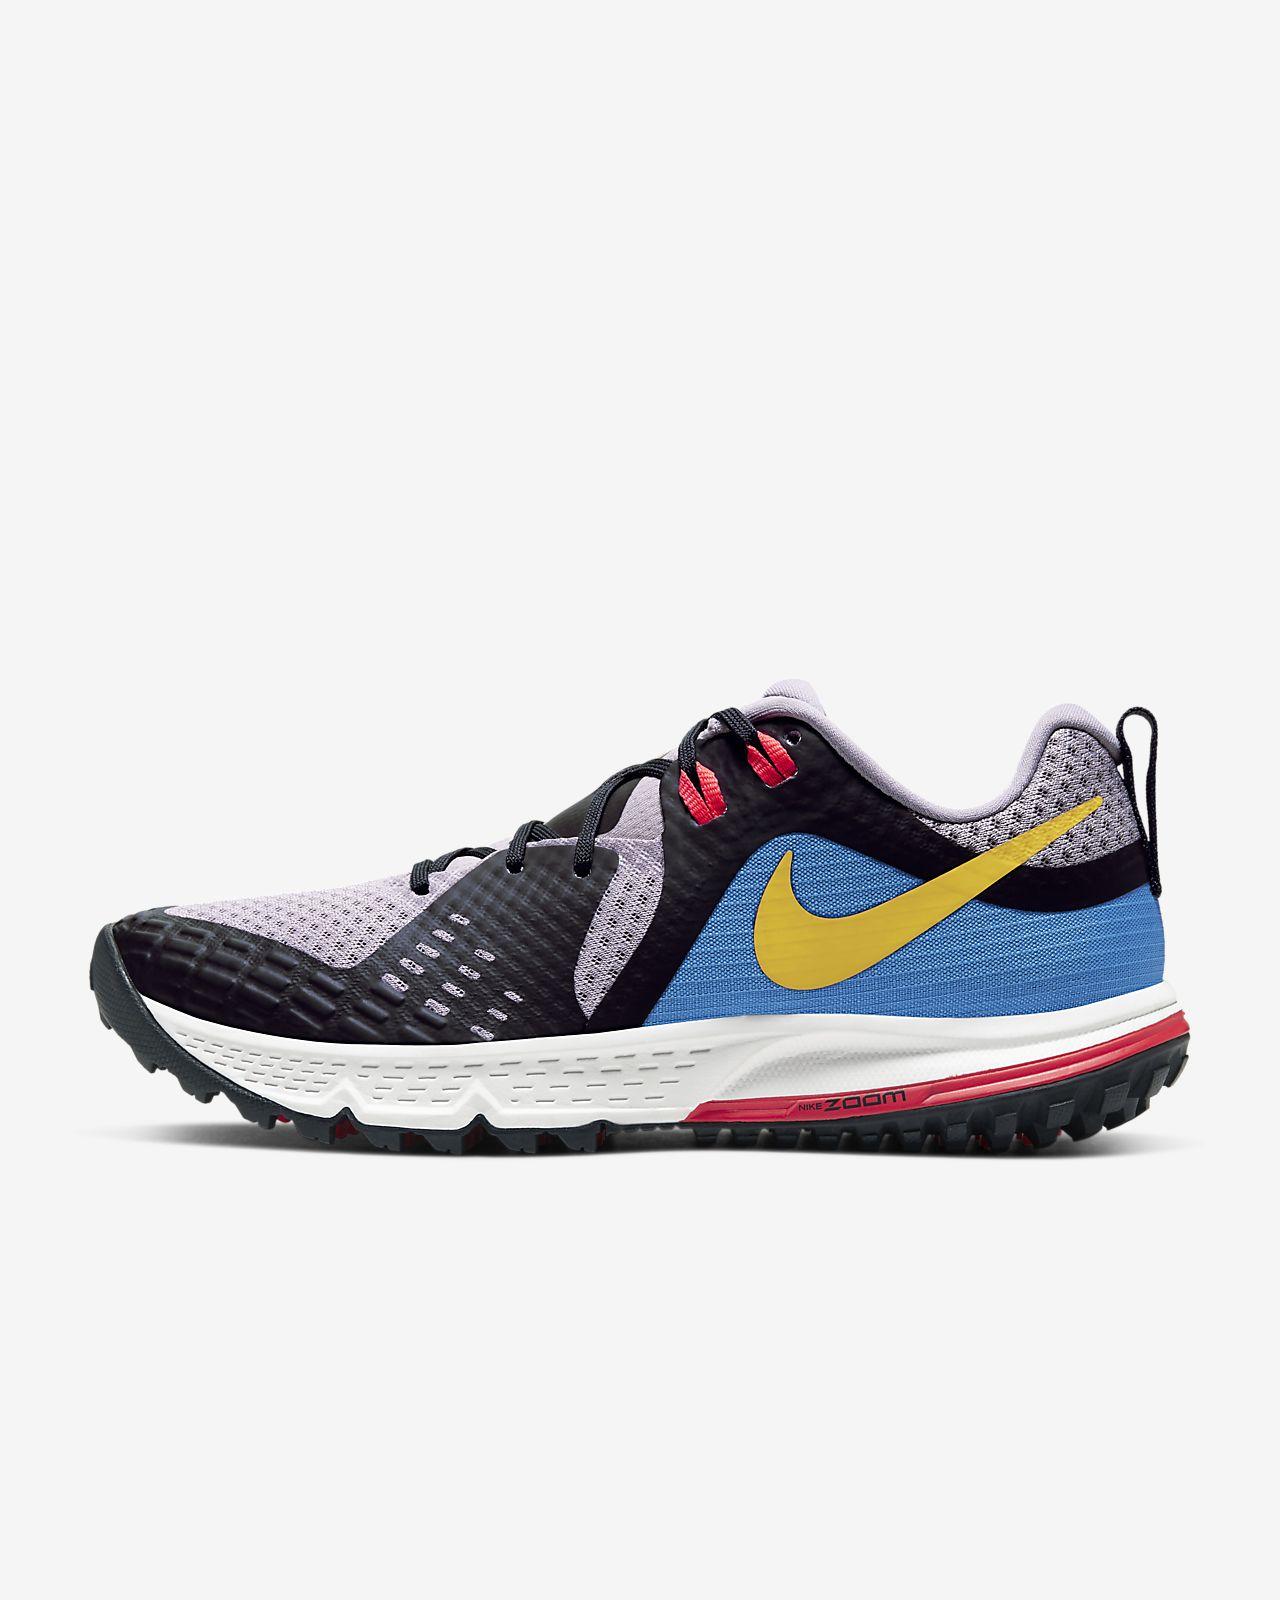 Nike Air Zoom Wildhorse 5 Trailrunningschoen voor dames